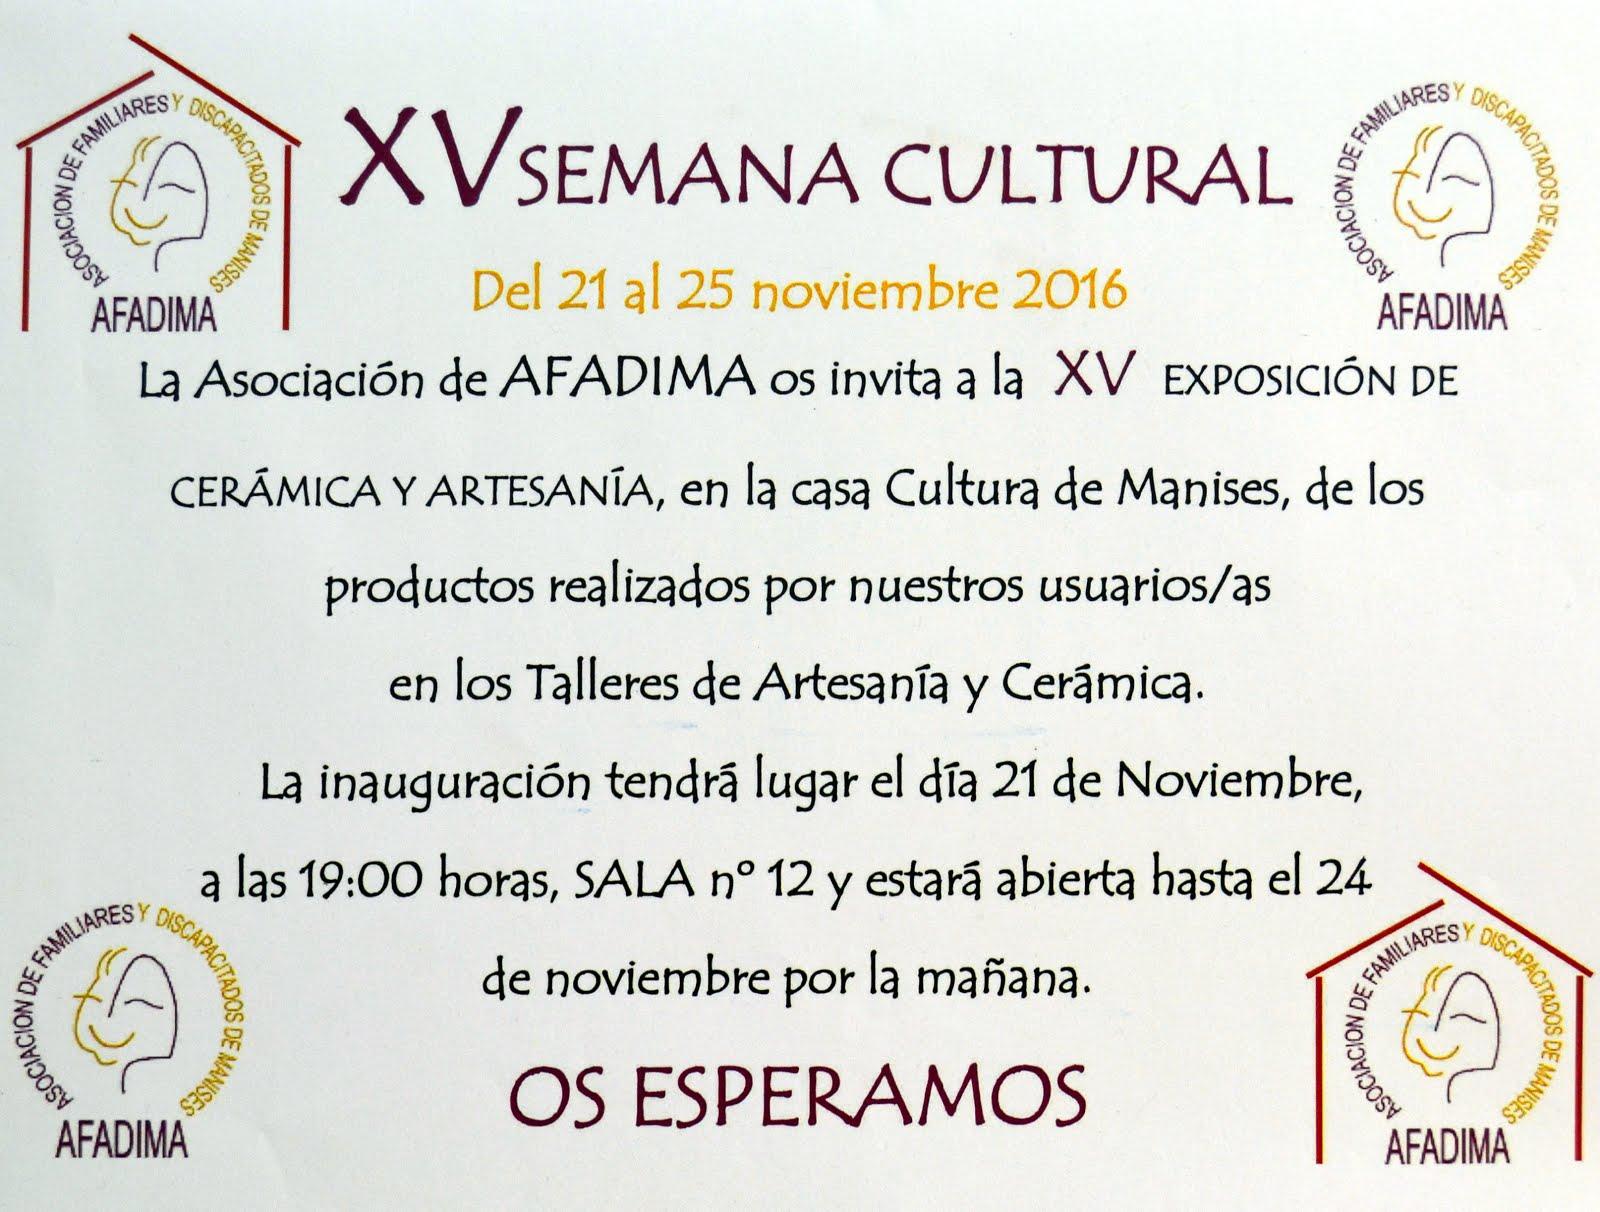 25.11.16 AFADIMA CELEBRA SU XV SEMANA CULTURAL CON UNA EXPOSICIÓN Y LA CENA EN EL HOTEL AZAFATA